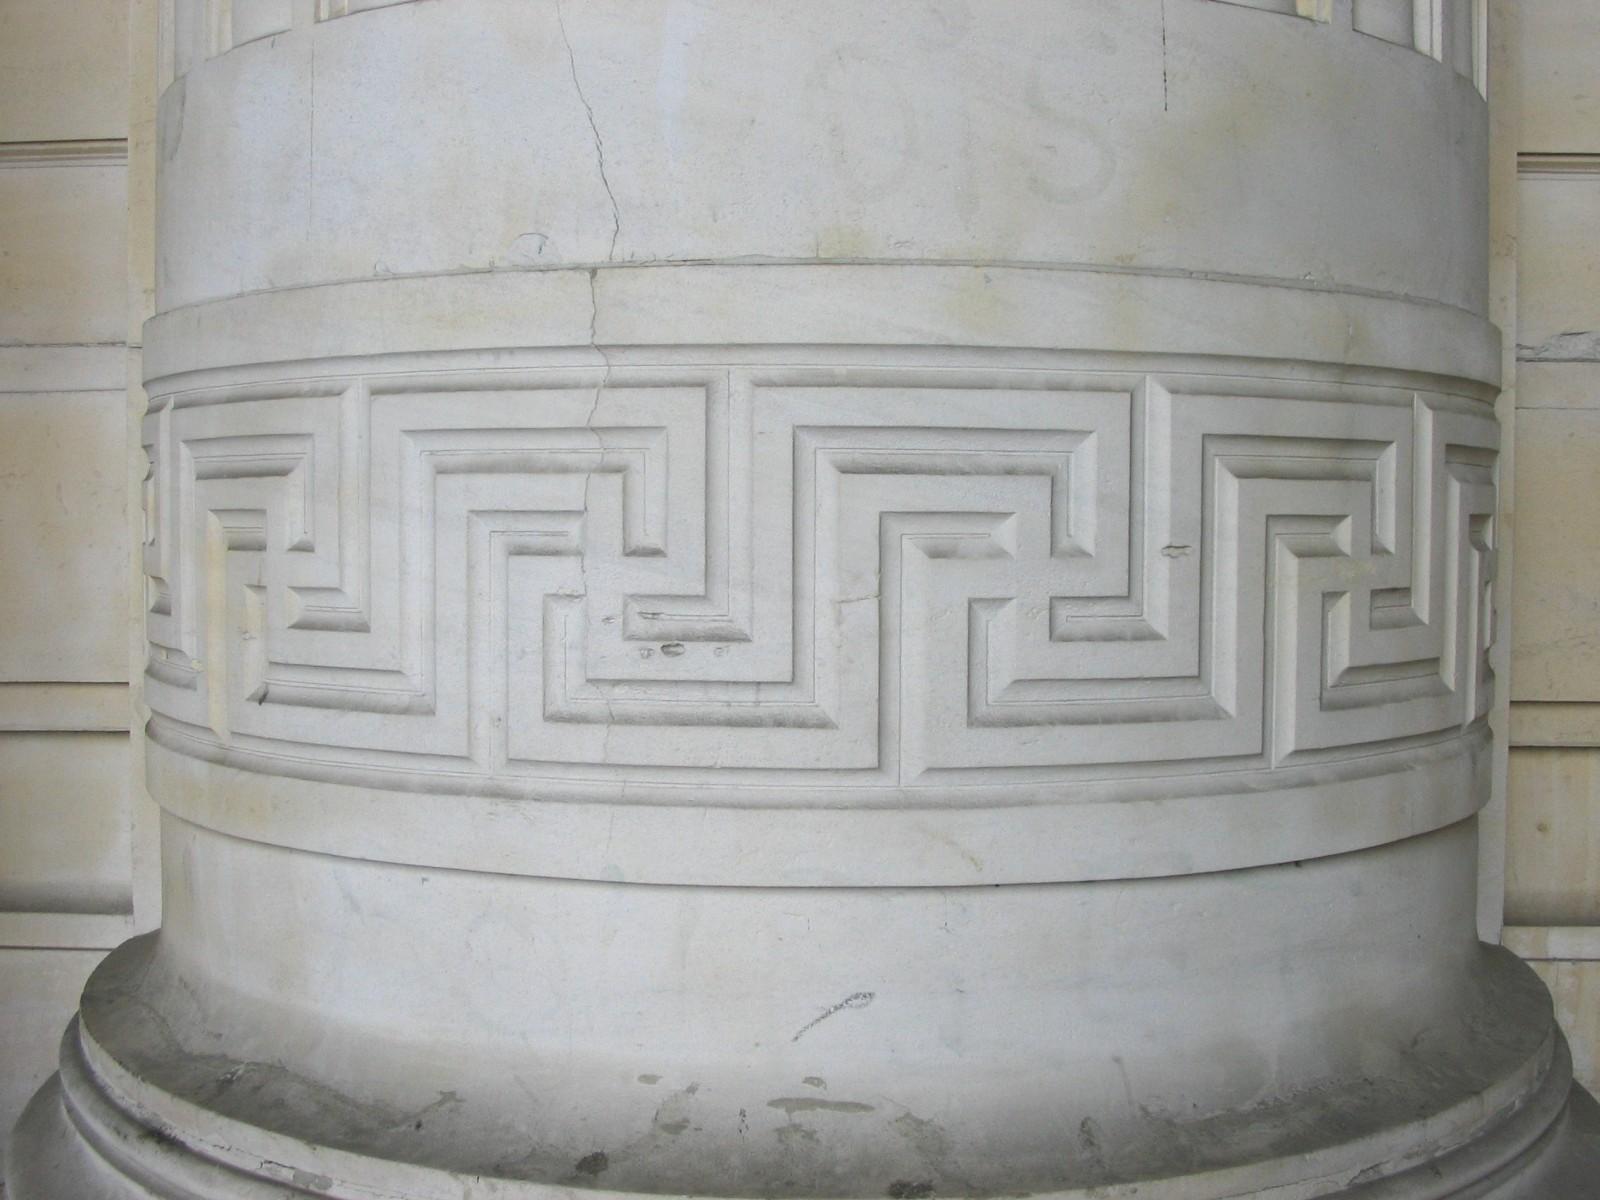 Frise de grecques au tracé complexe, Palais de Justice, place Poelaert, Bruxelles, 1862, architecte Joseph Poelaert., 2005